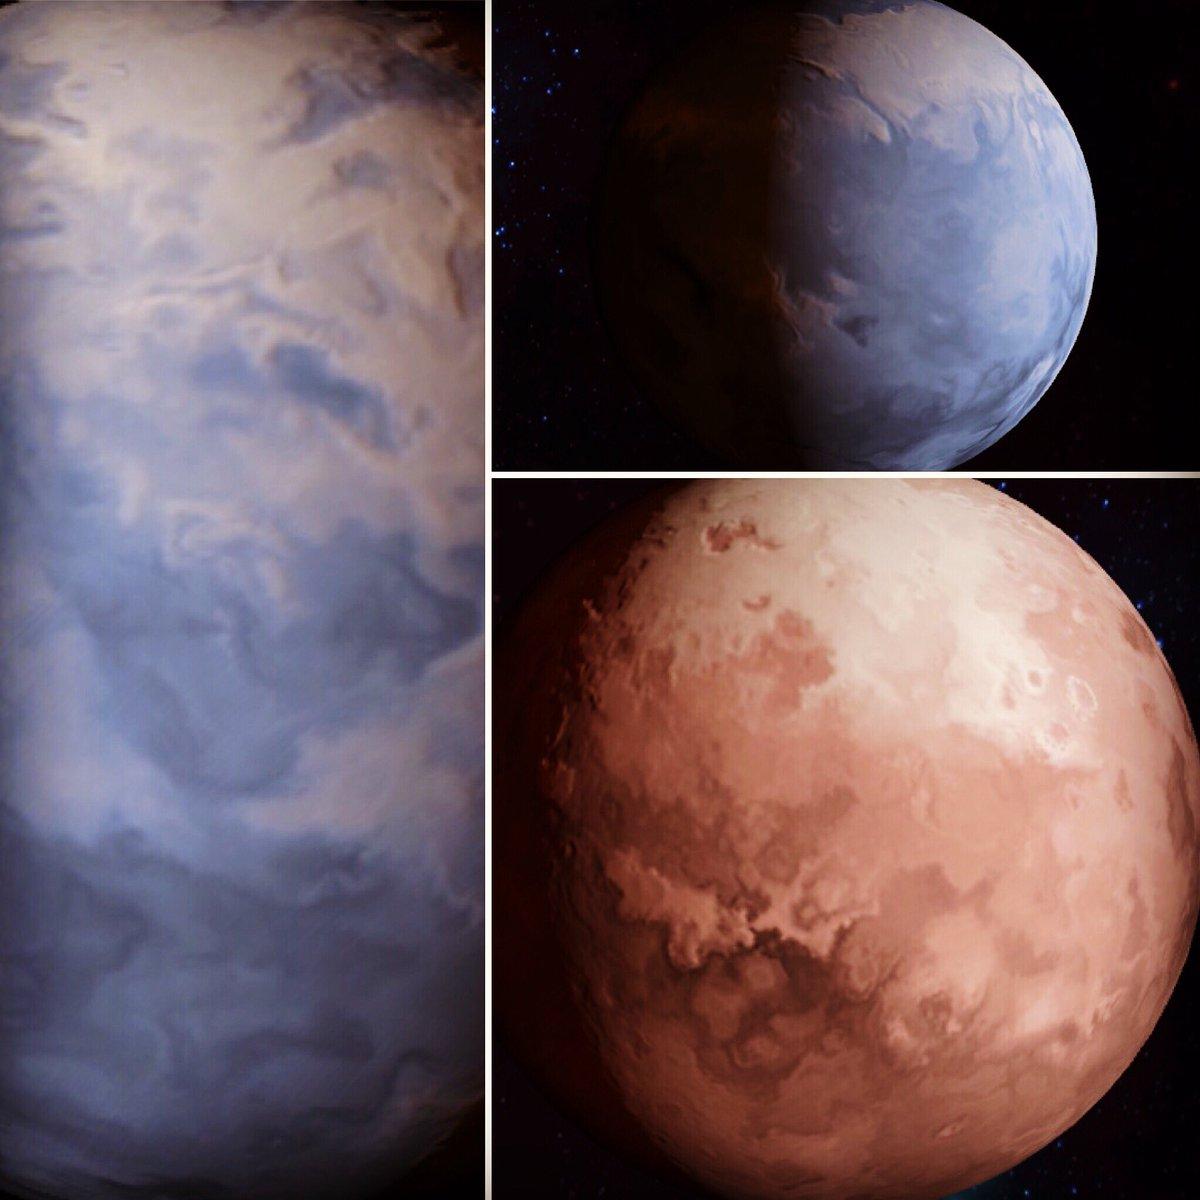 FOLLOW:   @nextstar2050  Please reshare!  #videogame #appstoregames #applearcade #mobilegame #ios #appstore #gamedev #space #indiegamelover  #aliens #planet #saturn #jupiter #pluto #sky #star #sun #galaxy #milkyway #indiedev #indiegame #nextstar2050pic.twitter.com/ynbFWttAv8